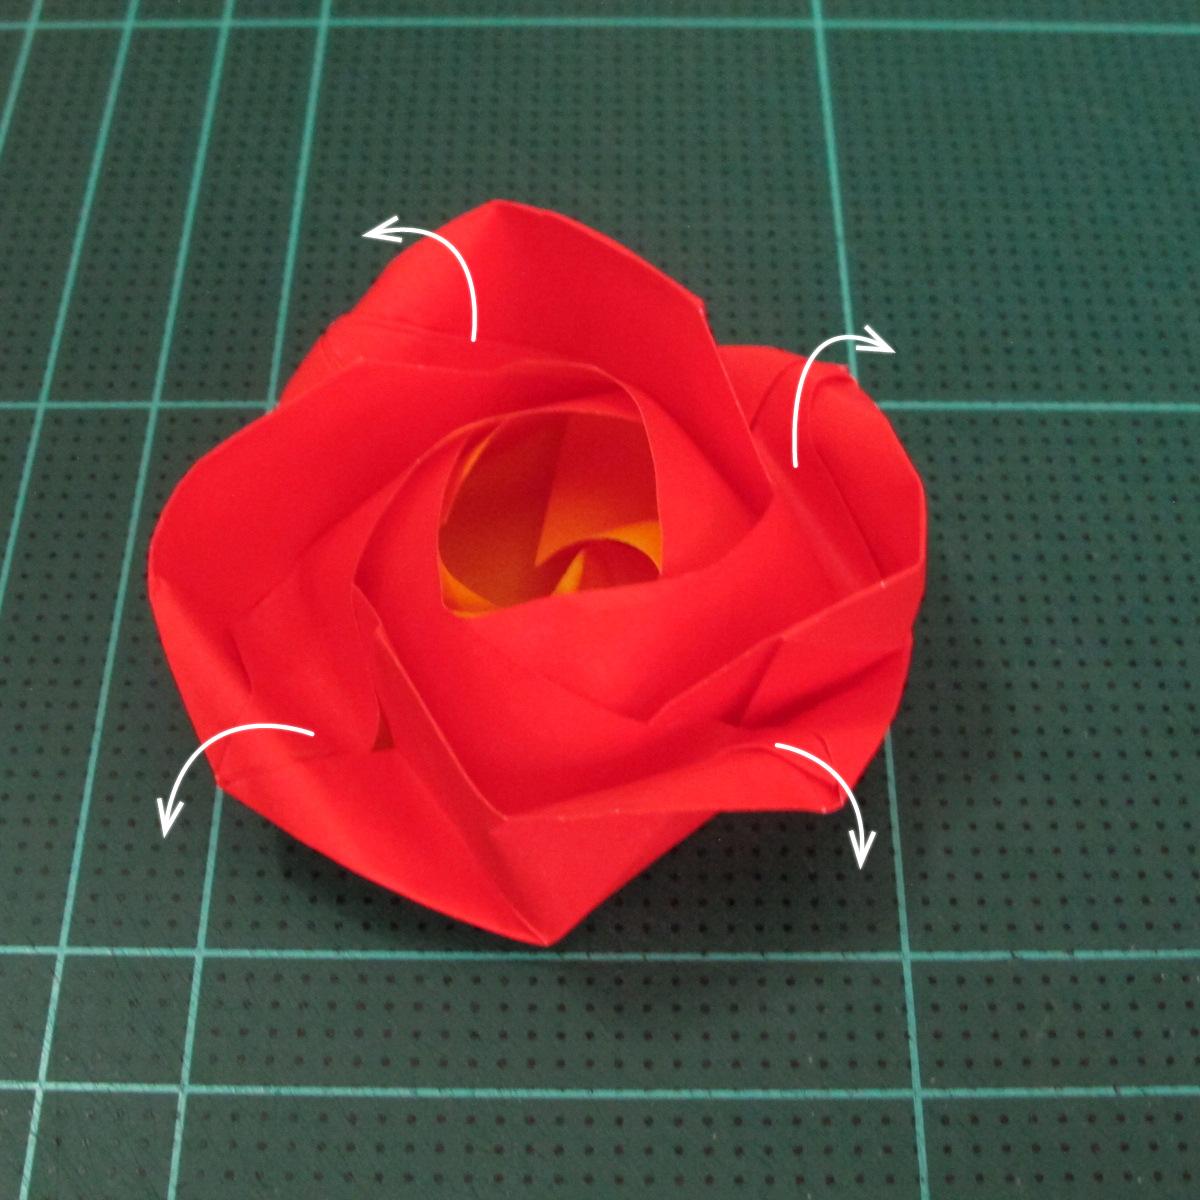 สอนวิธีพับกระดาษเป็นดอกกุหลาบ (แบบฐานกังหัน) (Origami Rose - Evi Binzinger) 022